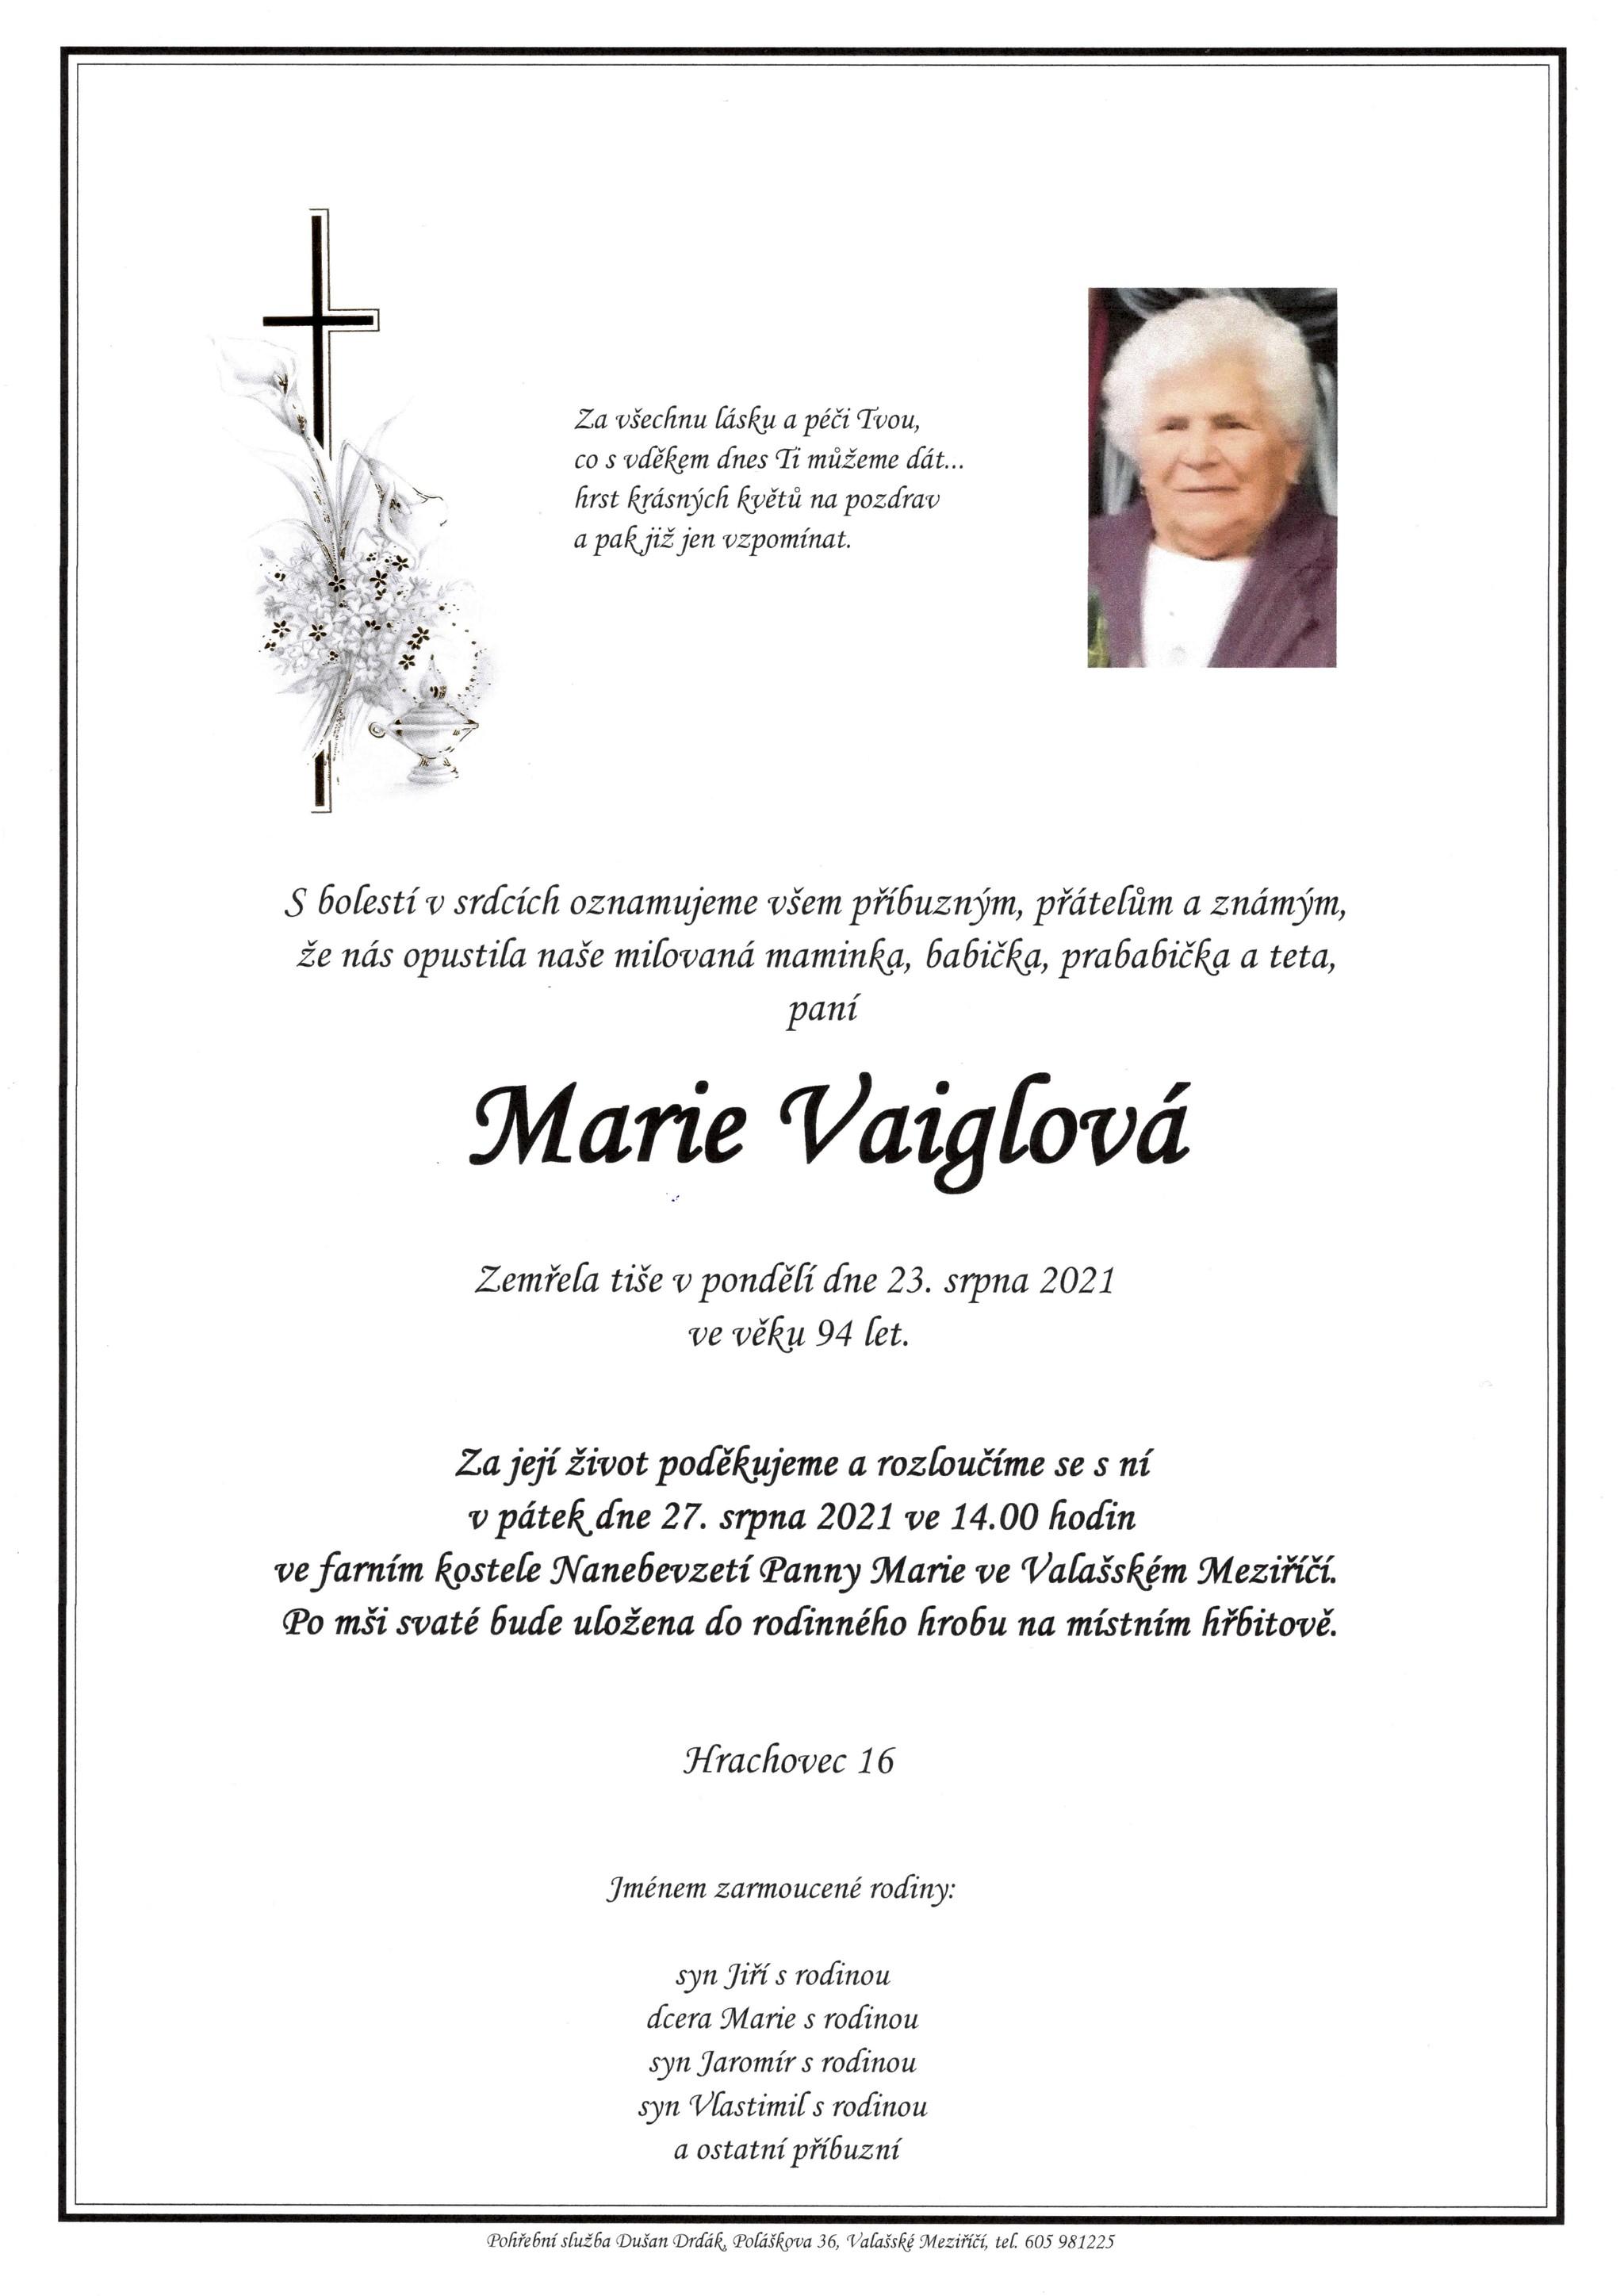 Marie Vaiglová